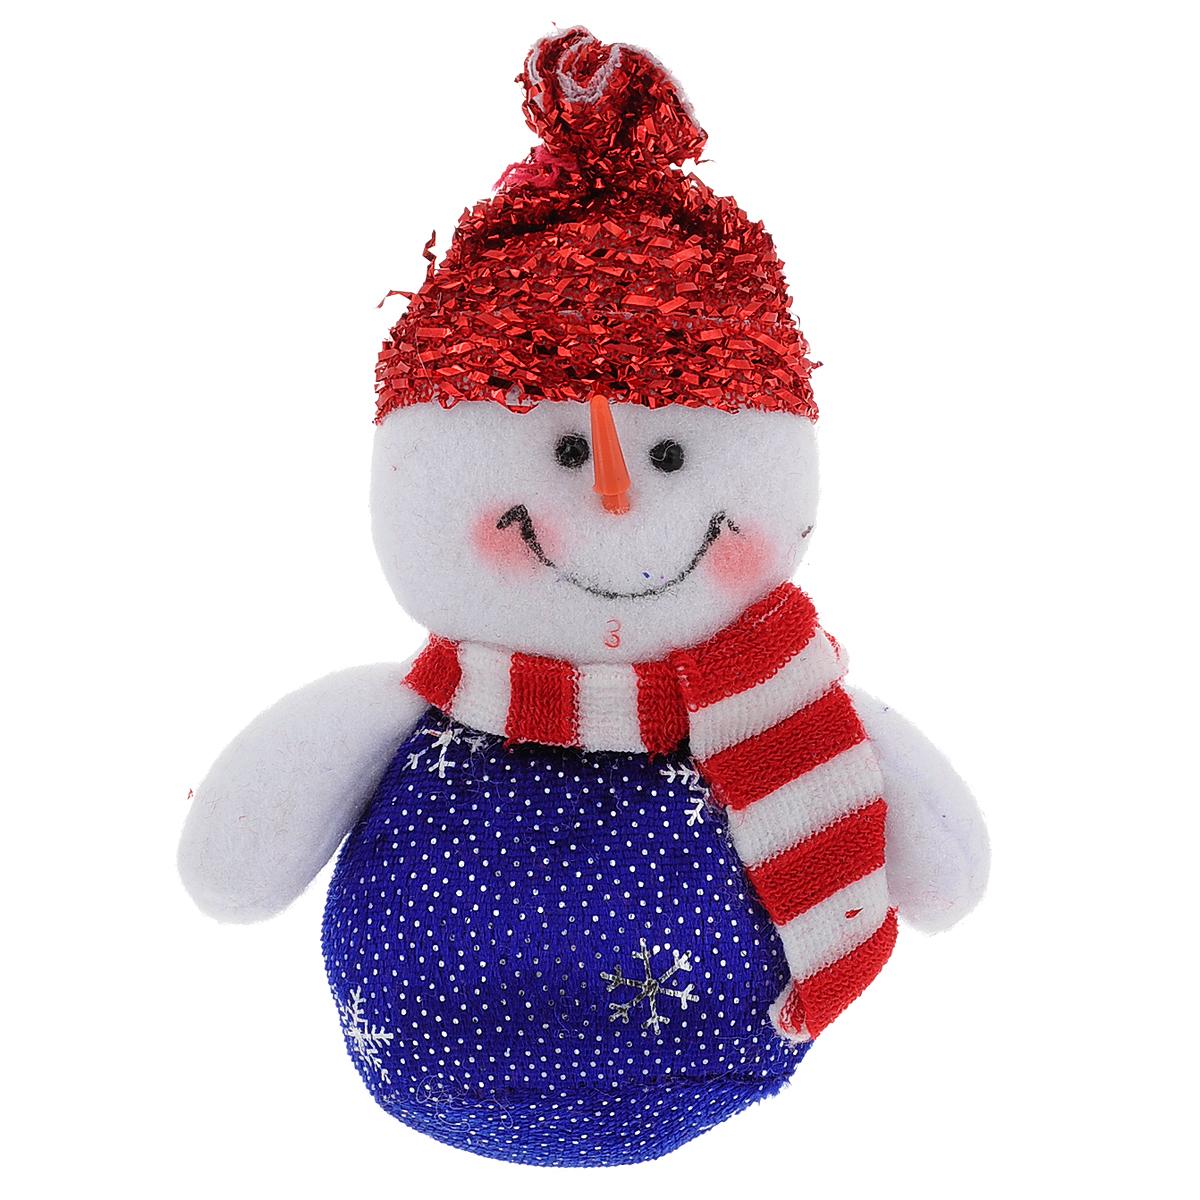 Новогоднее подвесное украшение Снеговик. 3541935419Оригинальное новогоднее украшение из пластика прекрасно подойдет для праздничного декора дома и новогодней ели. Изделие крепится на елку с помощью металлического зажима.